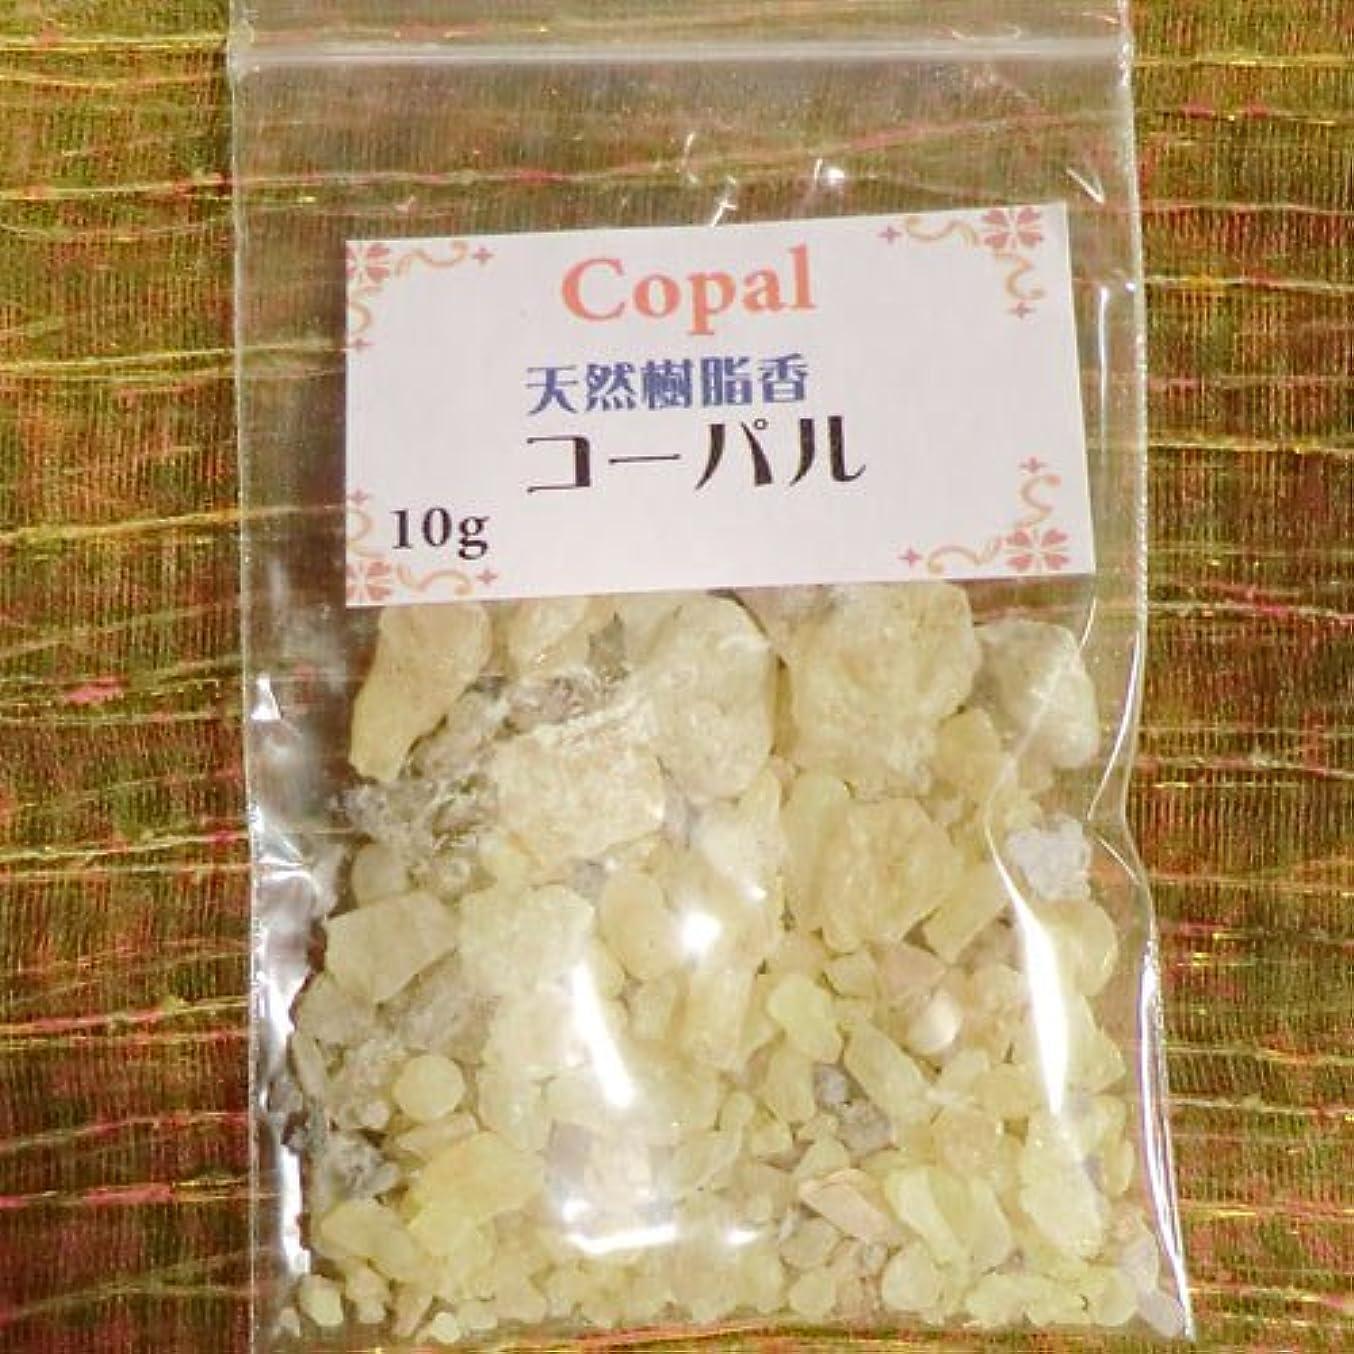 ピクニック透過性疼痛コーパル COPAL (天然樹脂香) (コーパル, 10g)